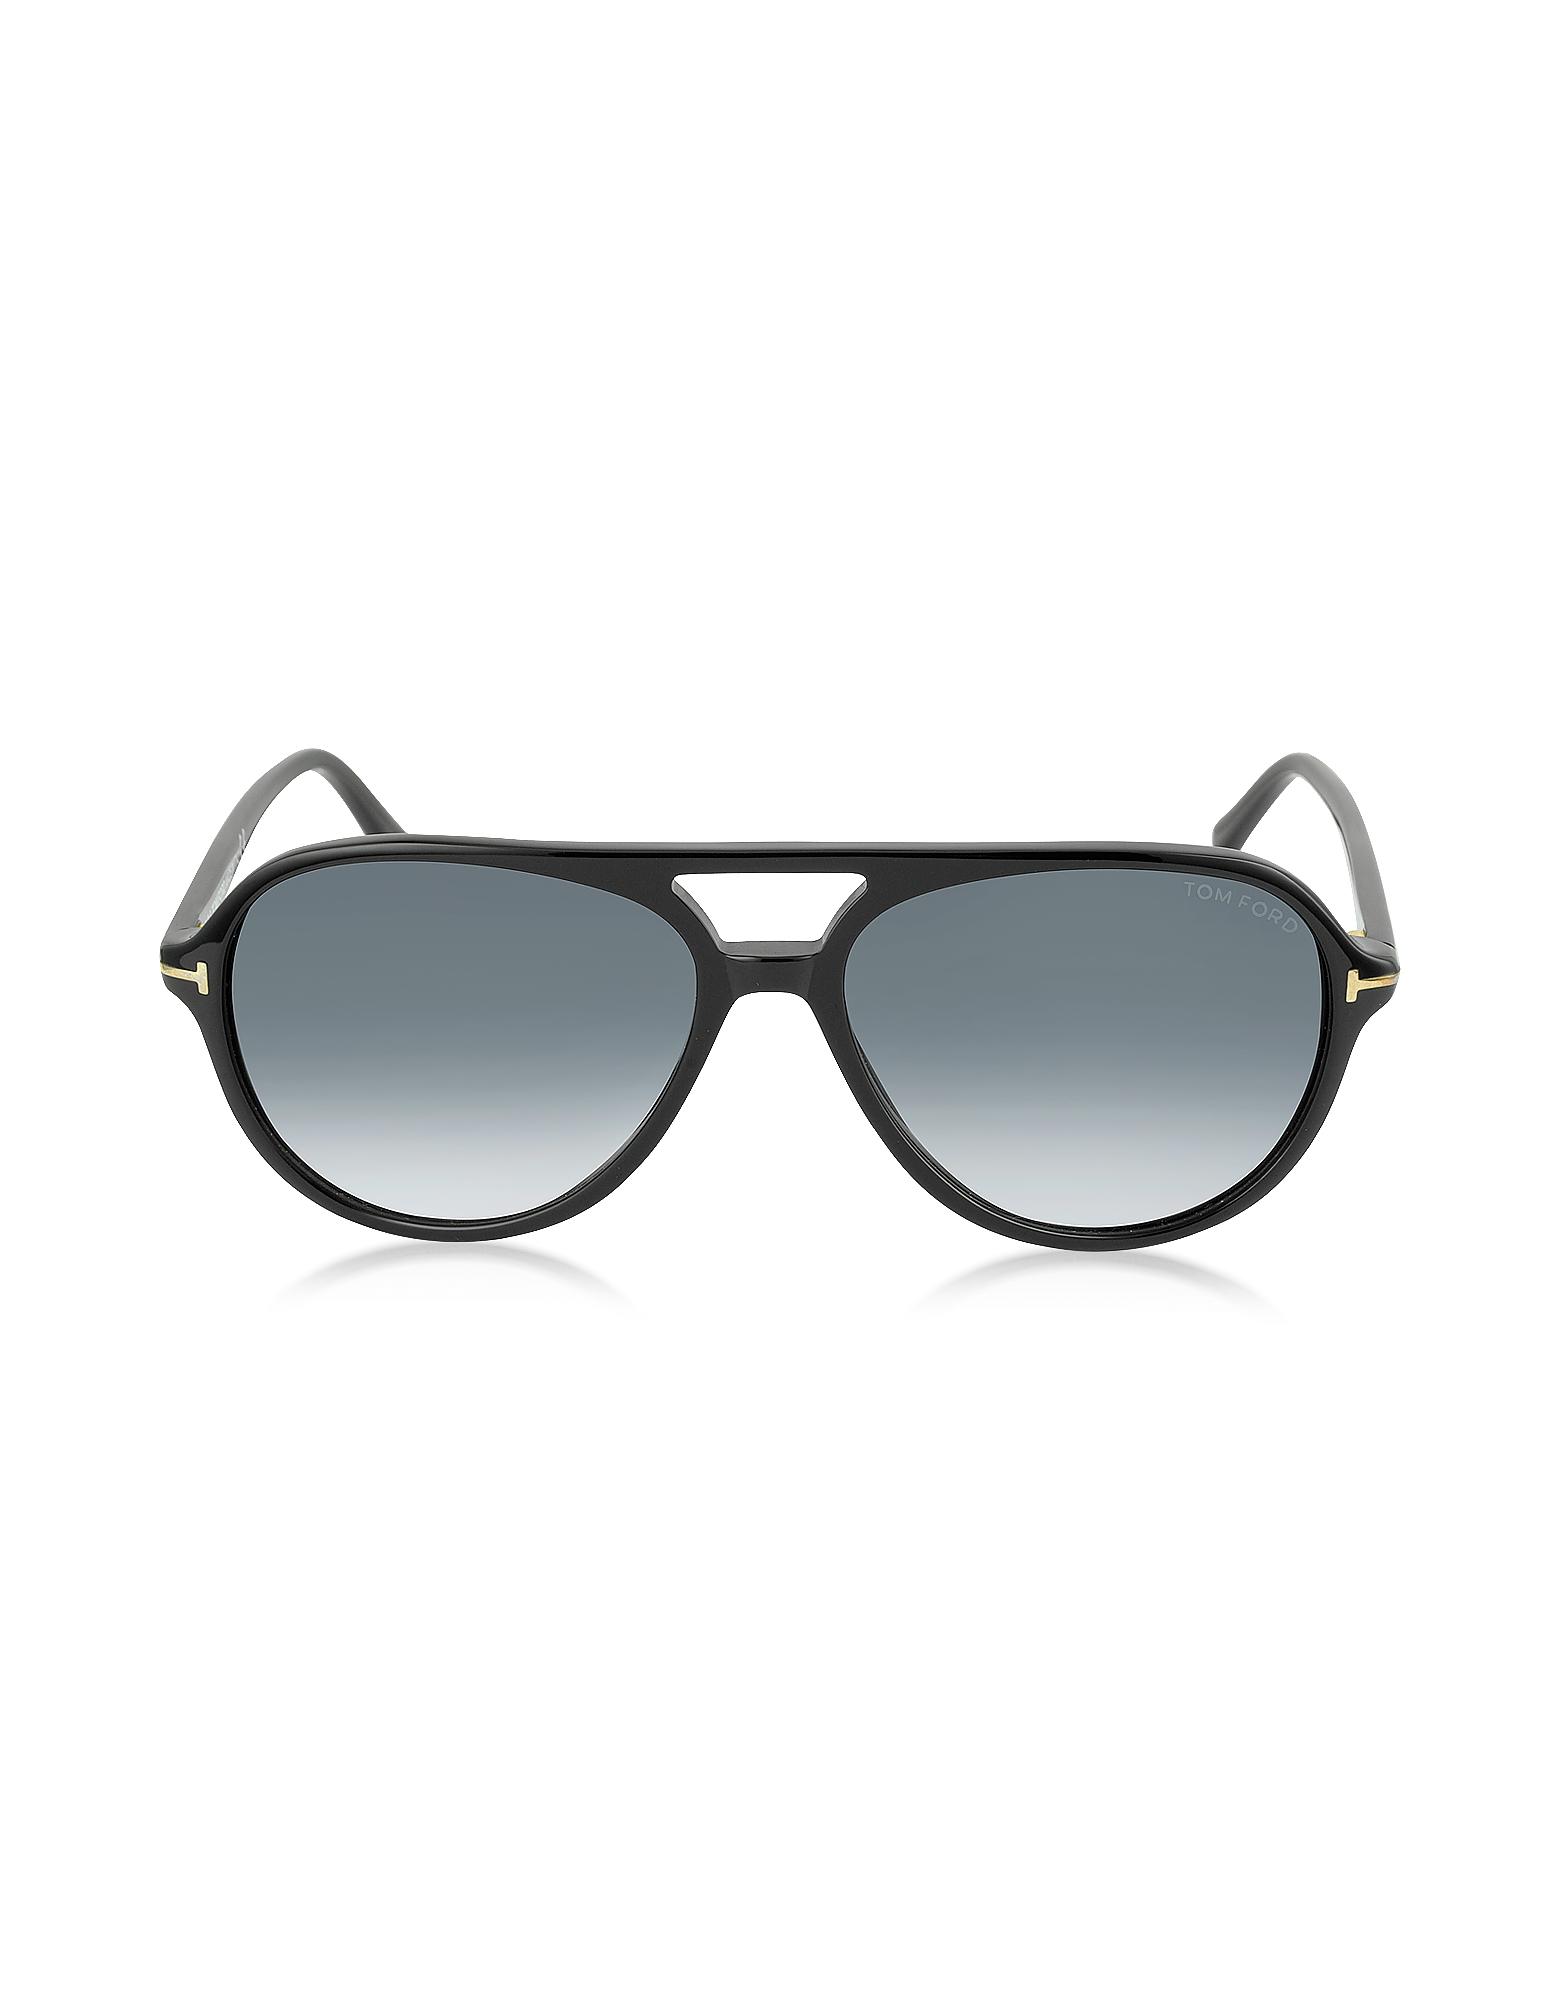 JARED FT0331 Aviator Sunglasses